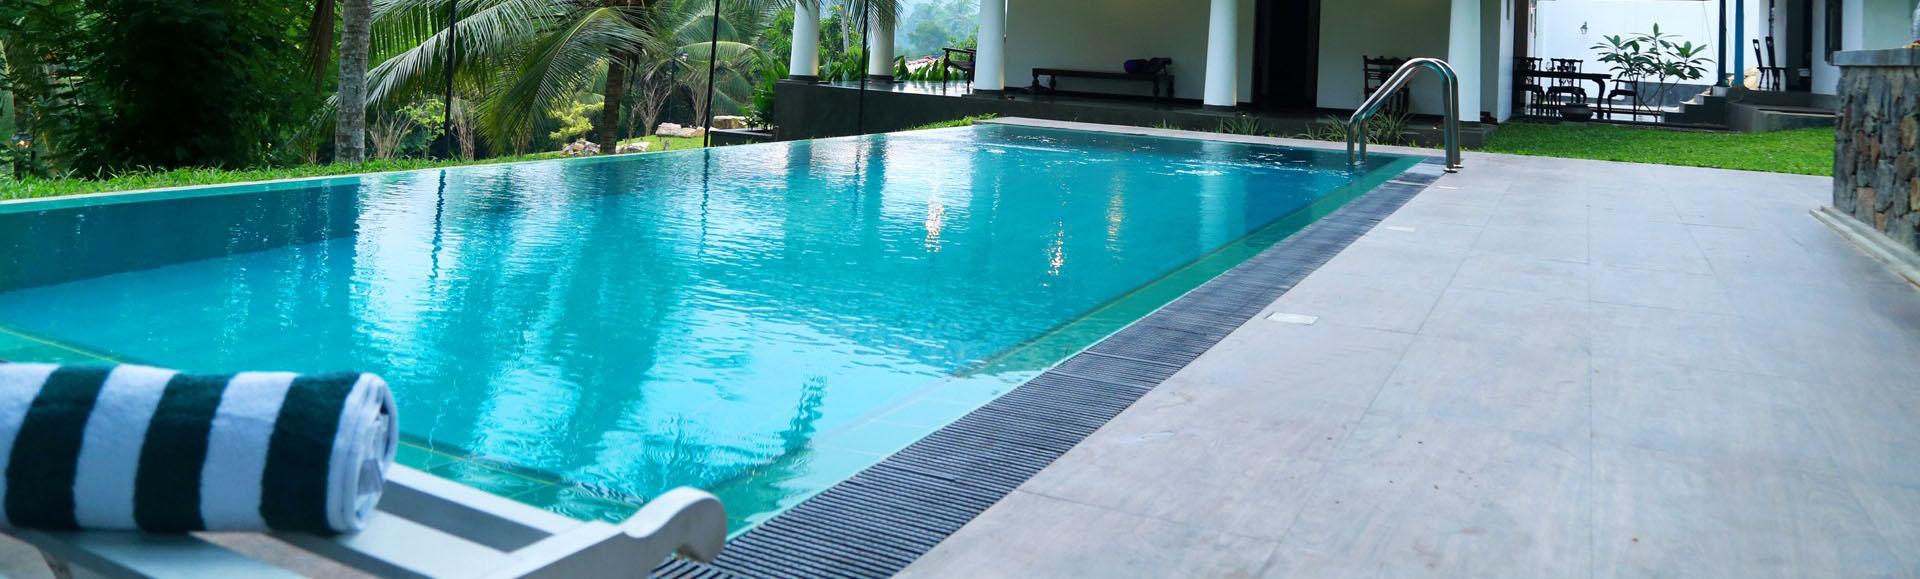 Quanto Costa Piscina Interrata quanto costa realizzare una piscina? - lo sapio pools